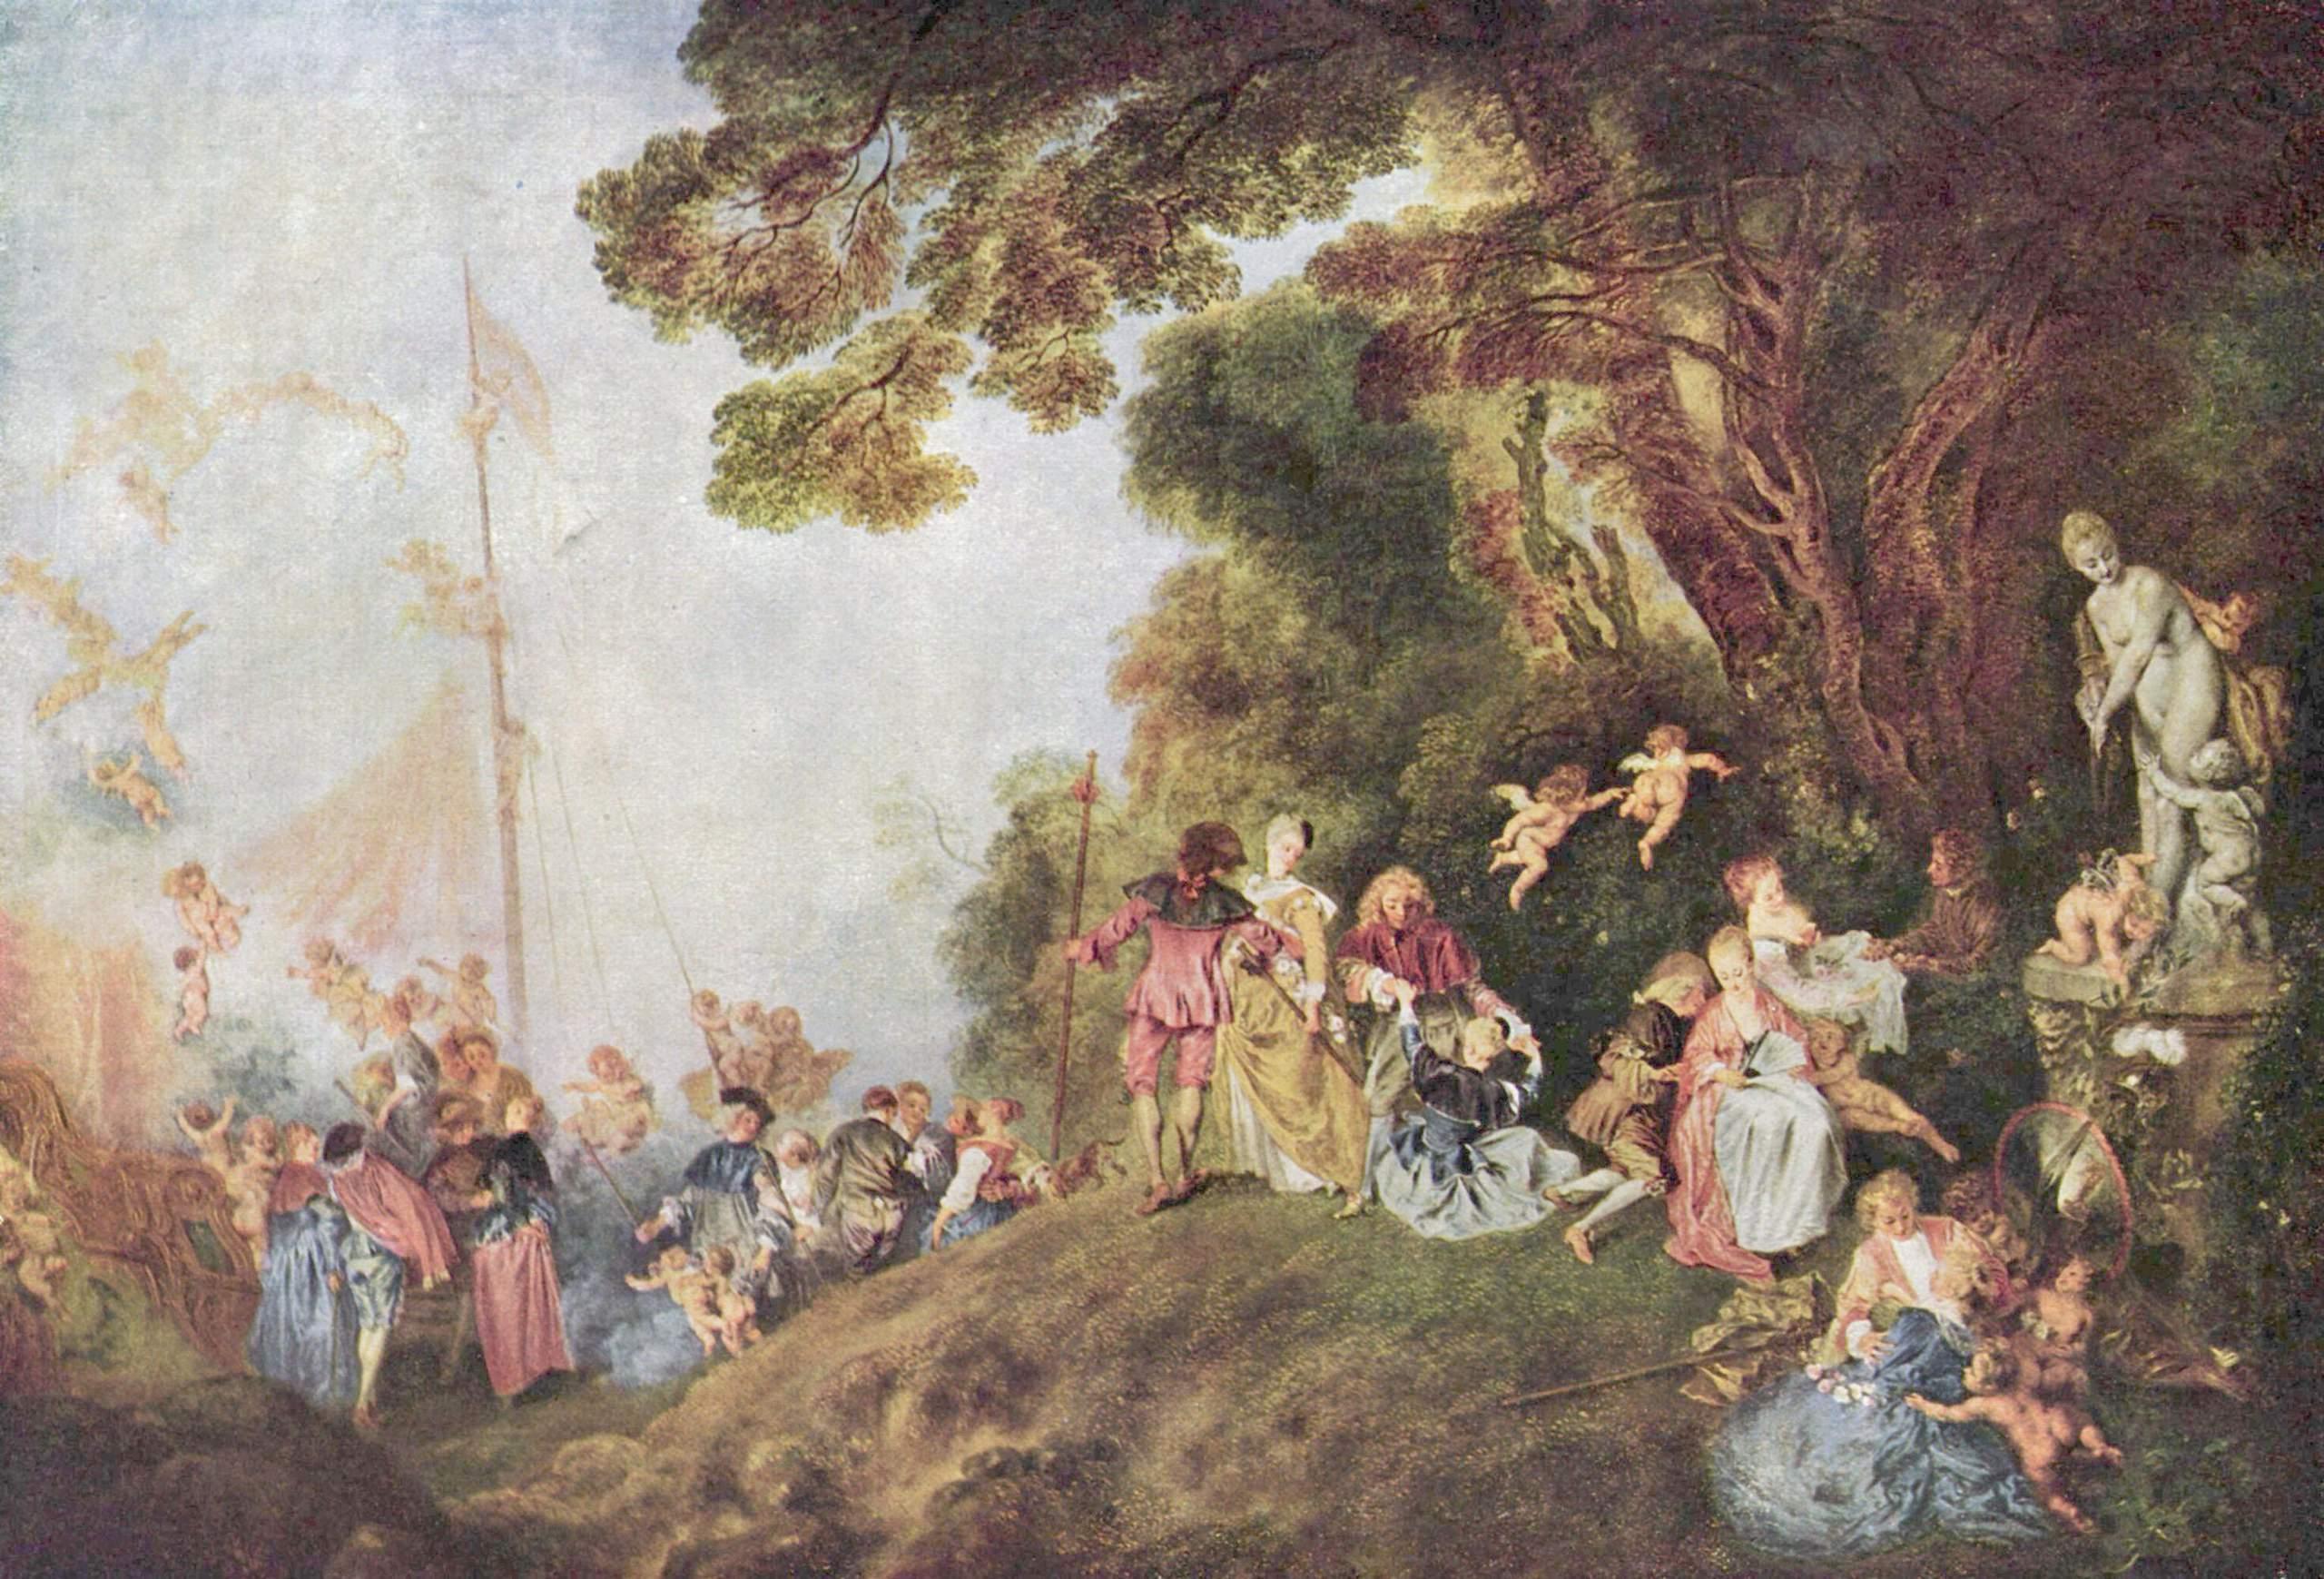 http://upload.wikimedia.org/wikipedia/commons/2/2d/Antoine_Watteau_035.jpg